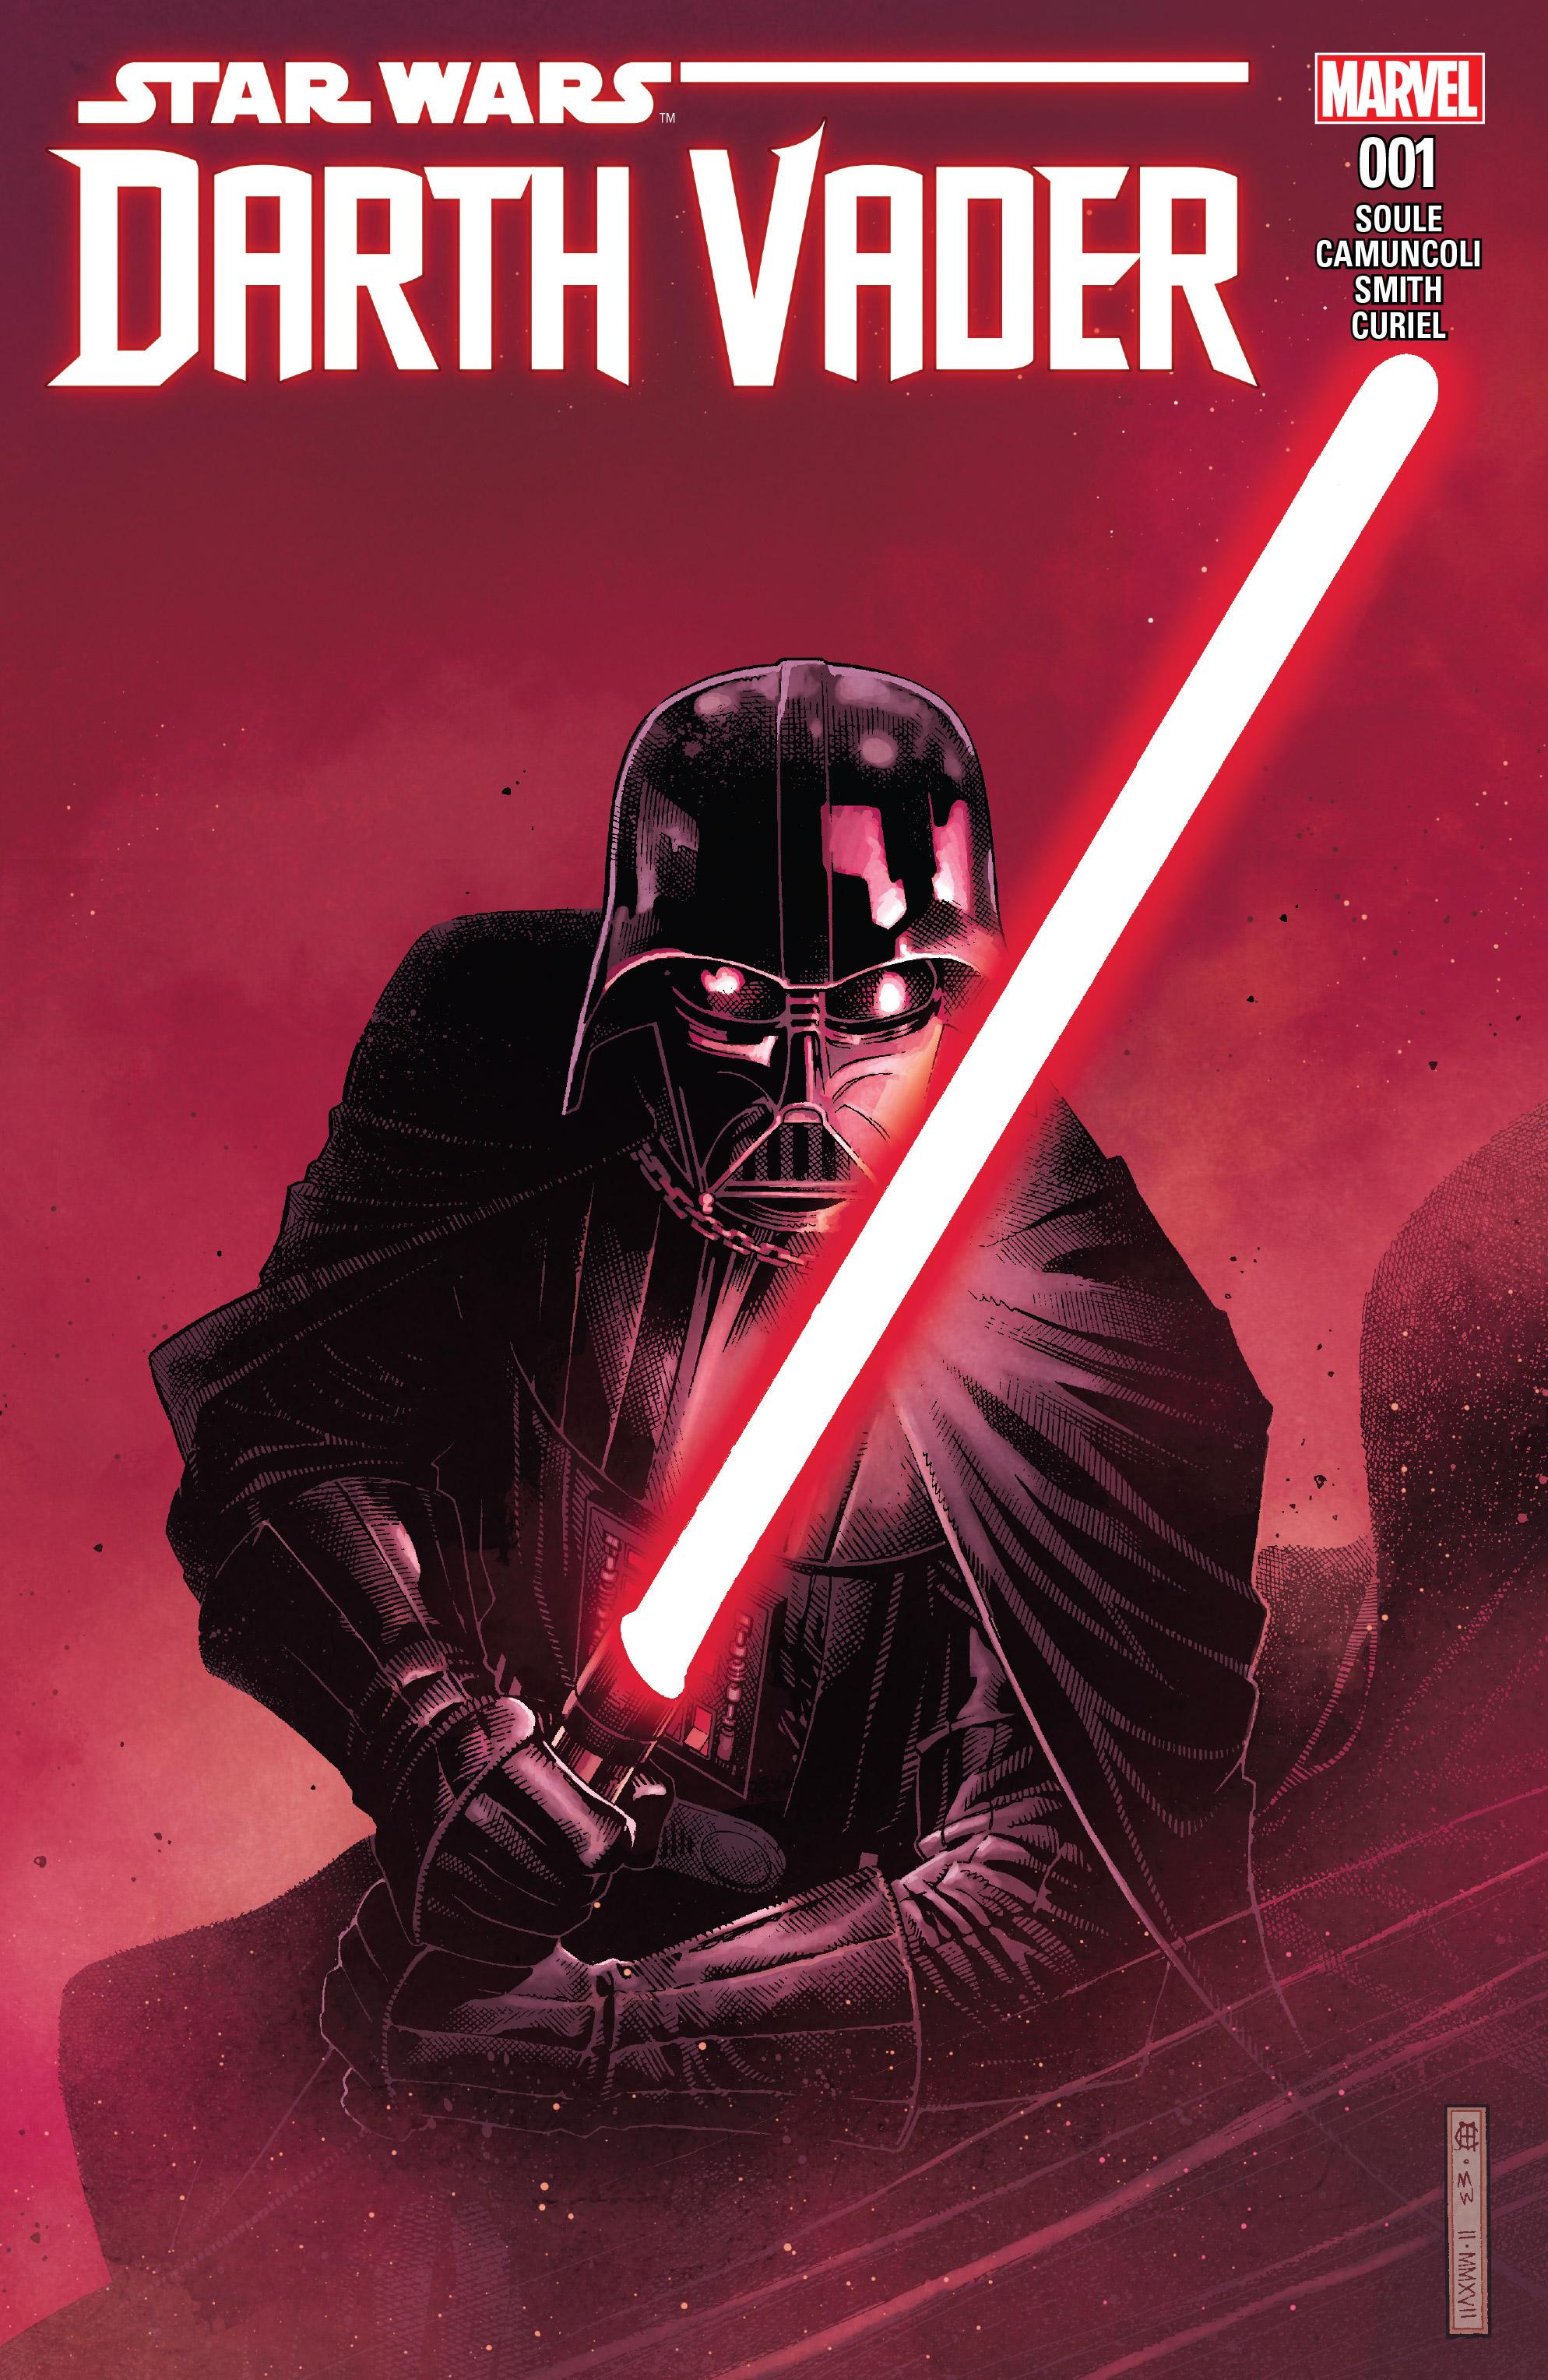 スター・ウォーズ:シスの暗黒卿 帝国の爪牙